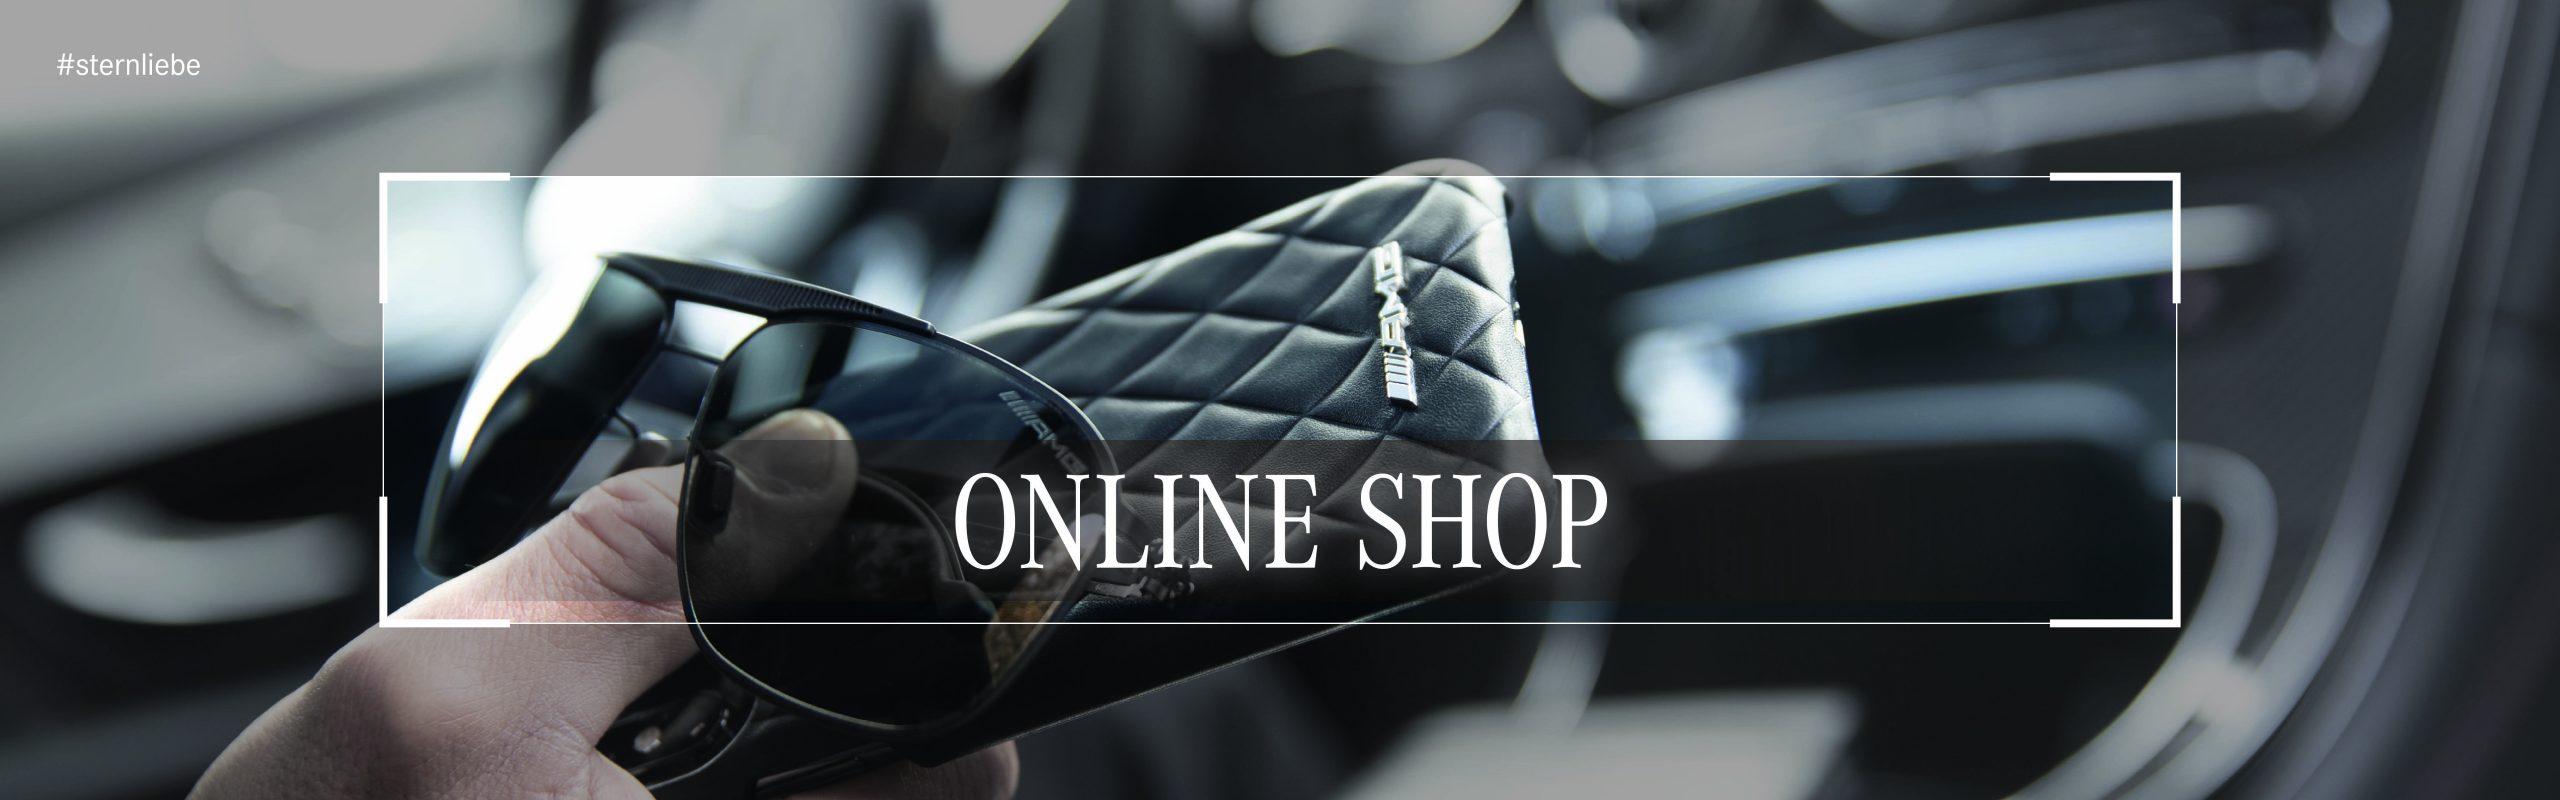 OnlineShop_Ebay bei mercedes brinkmann